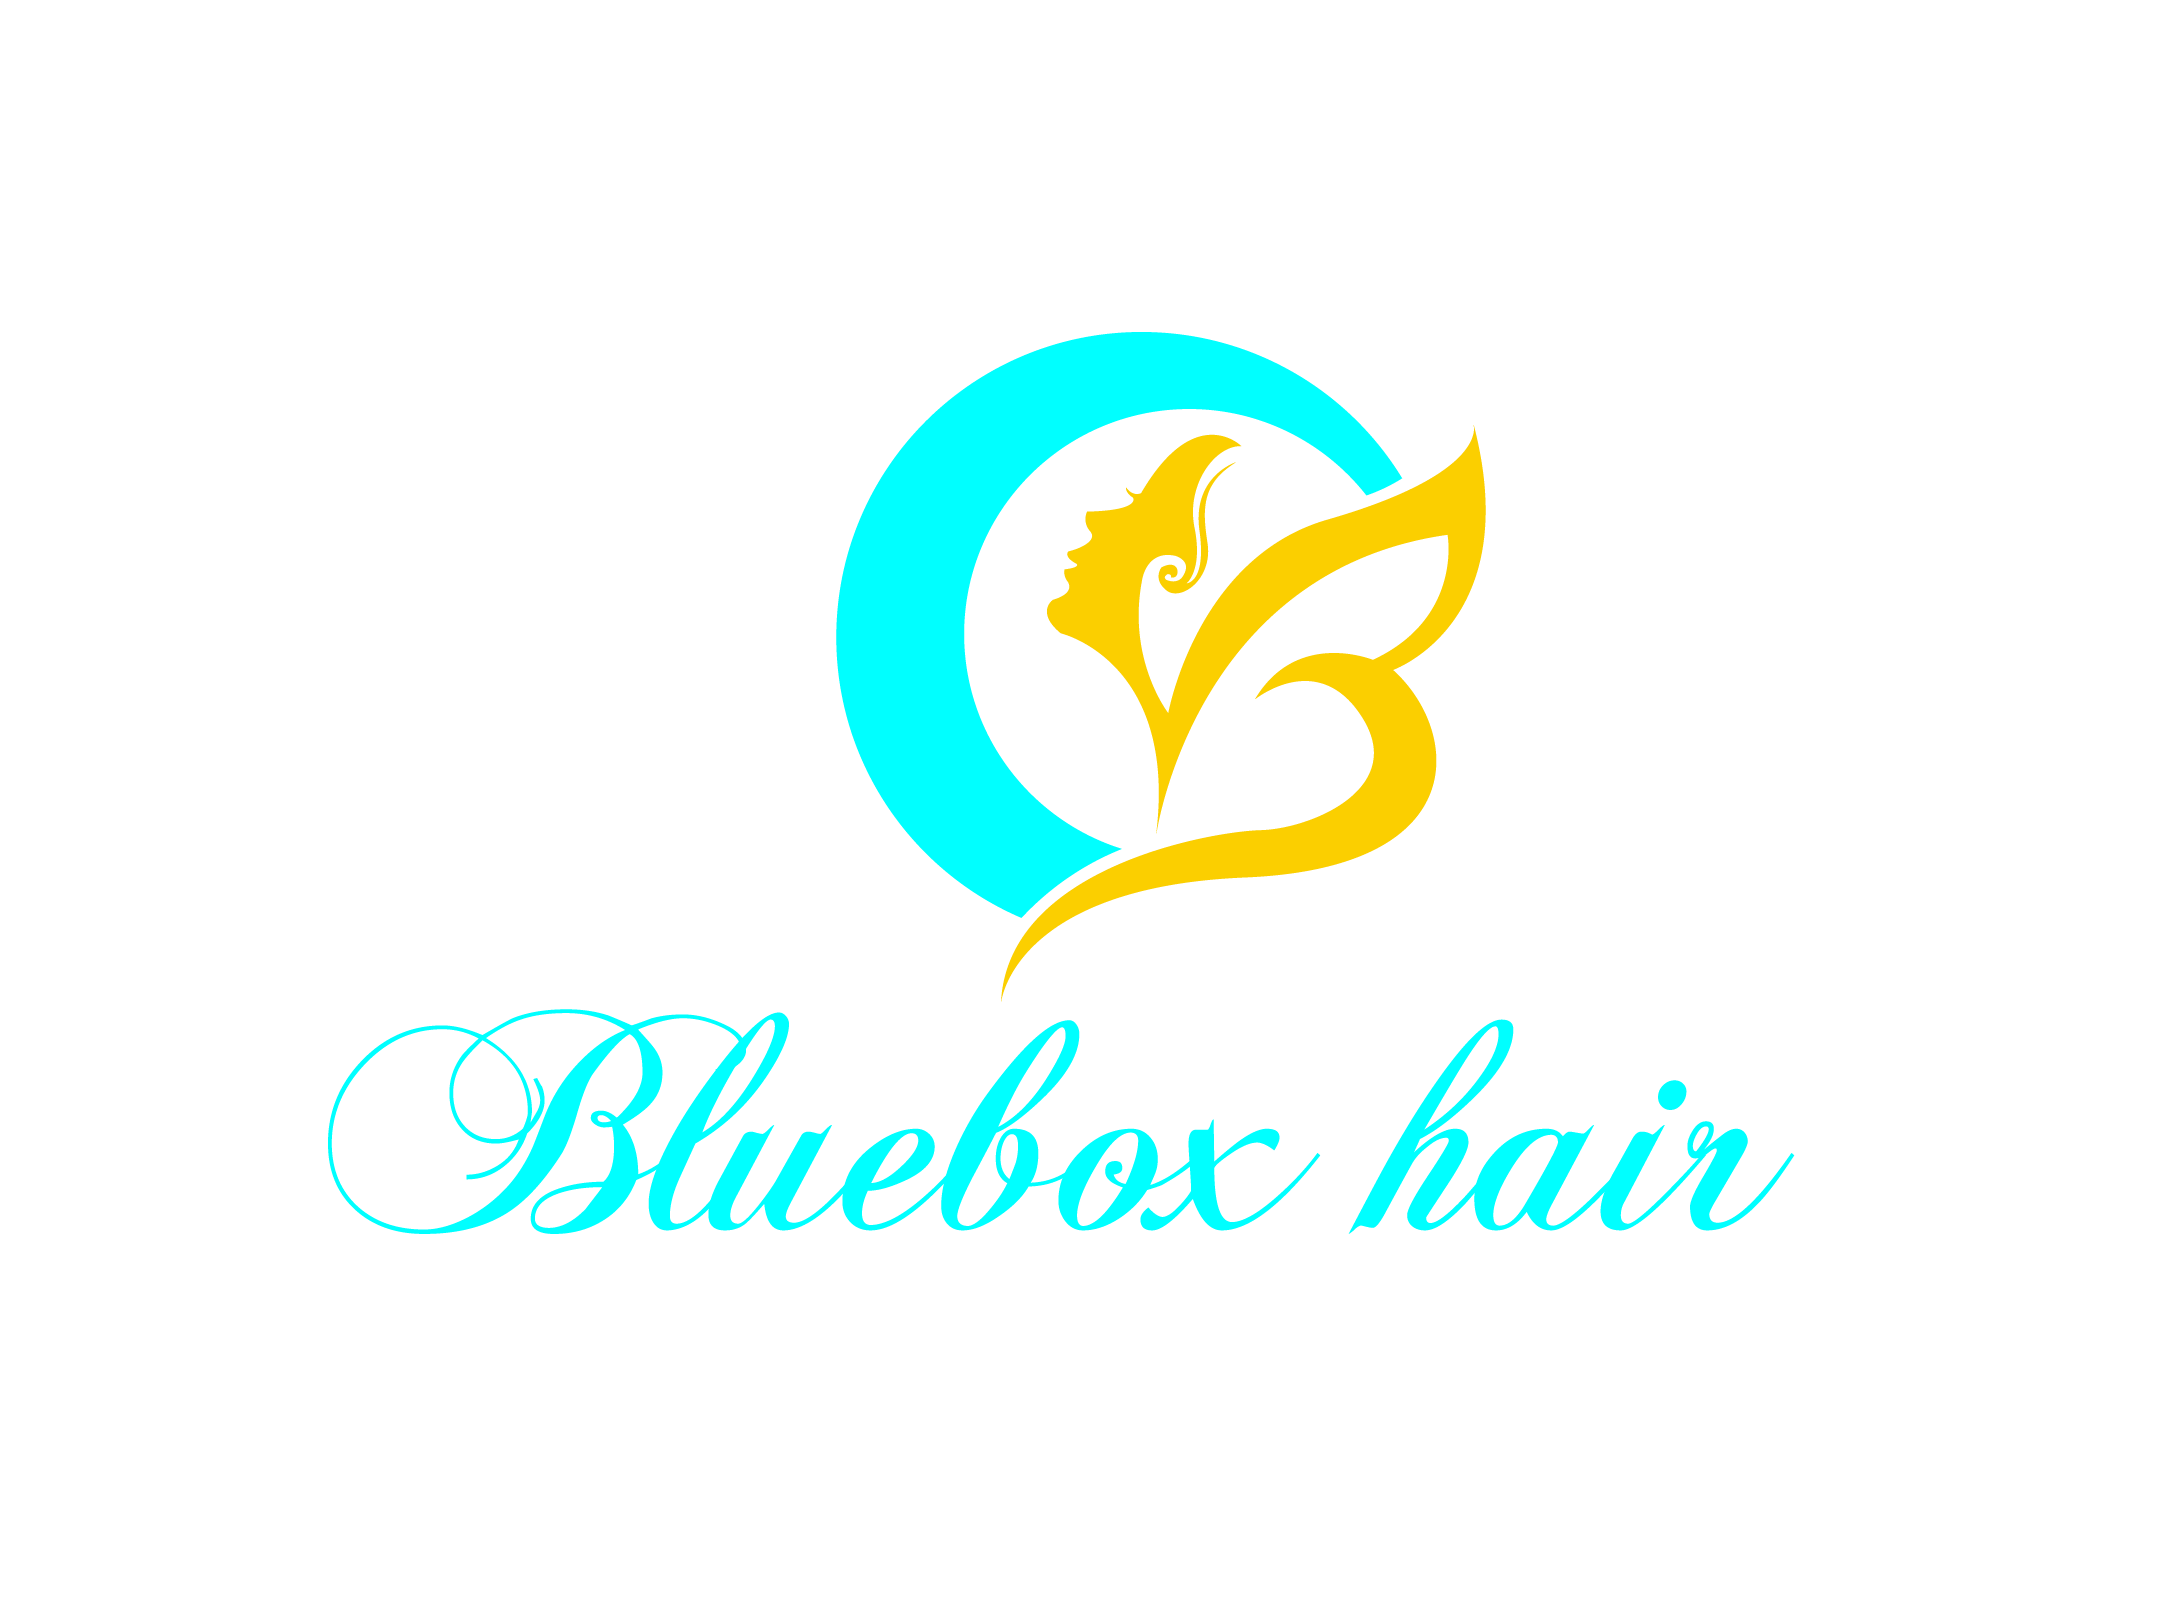 blueboxhair